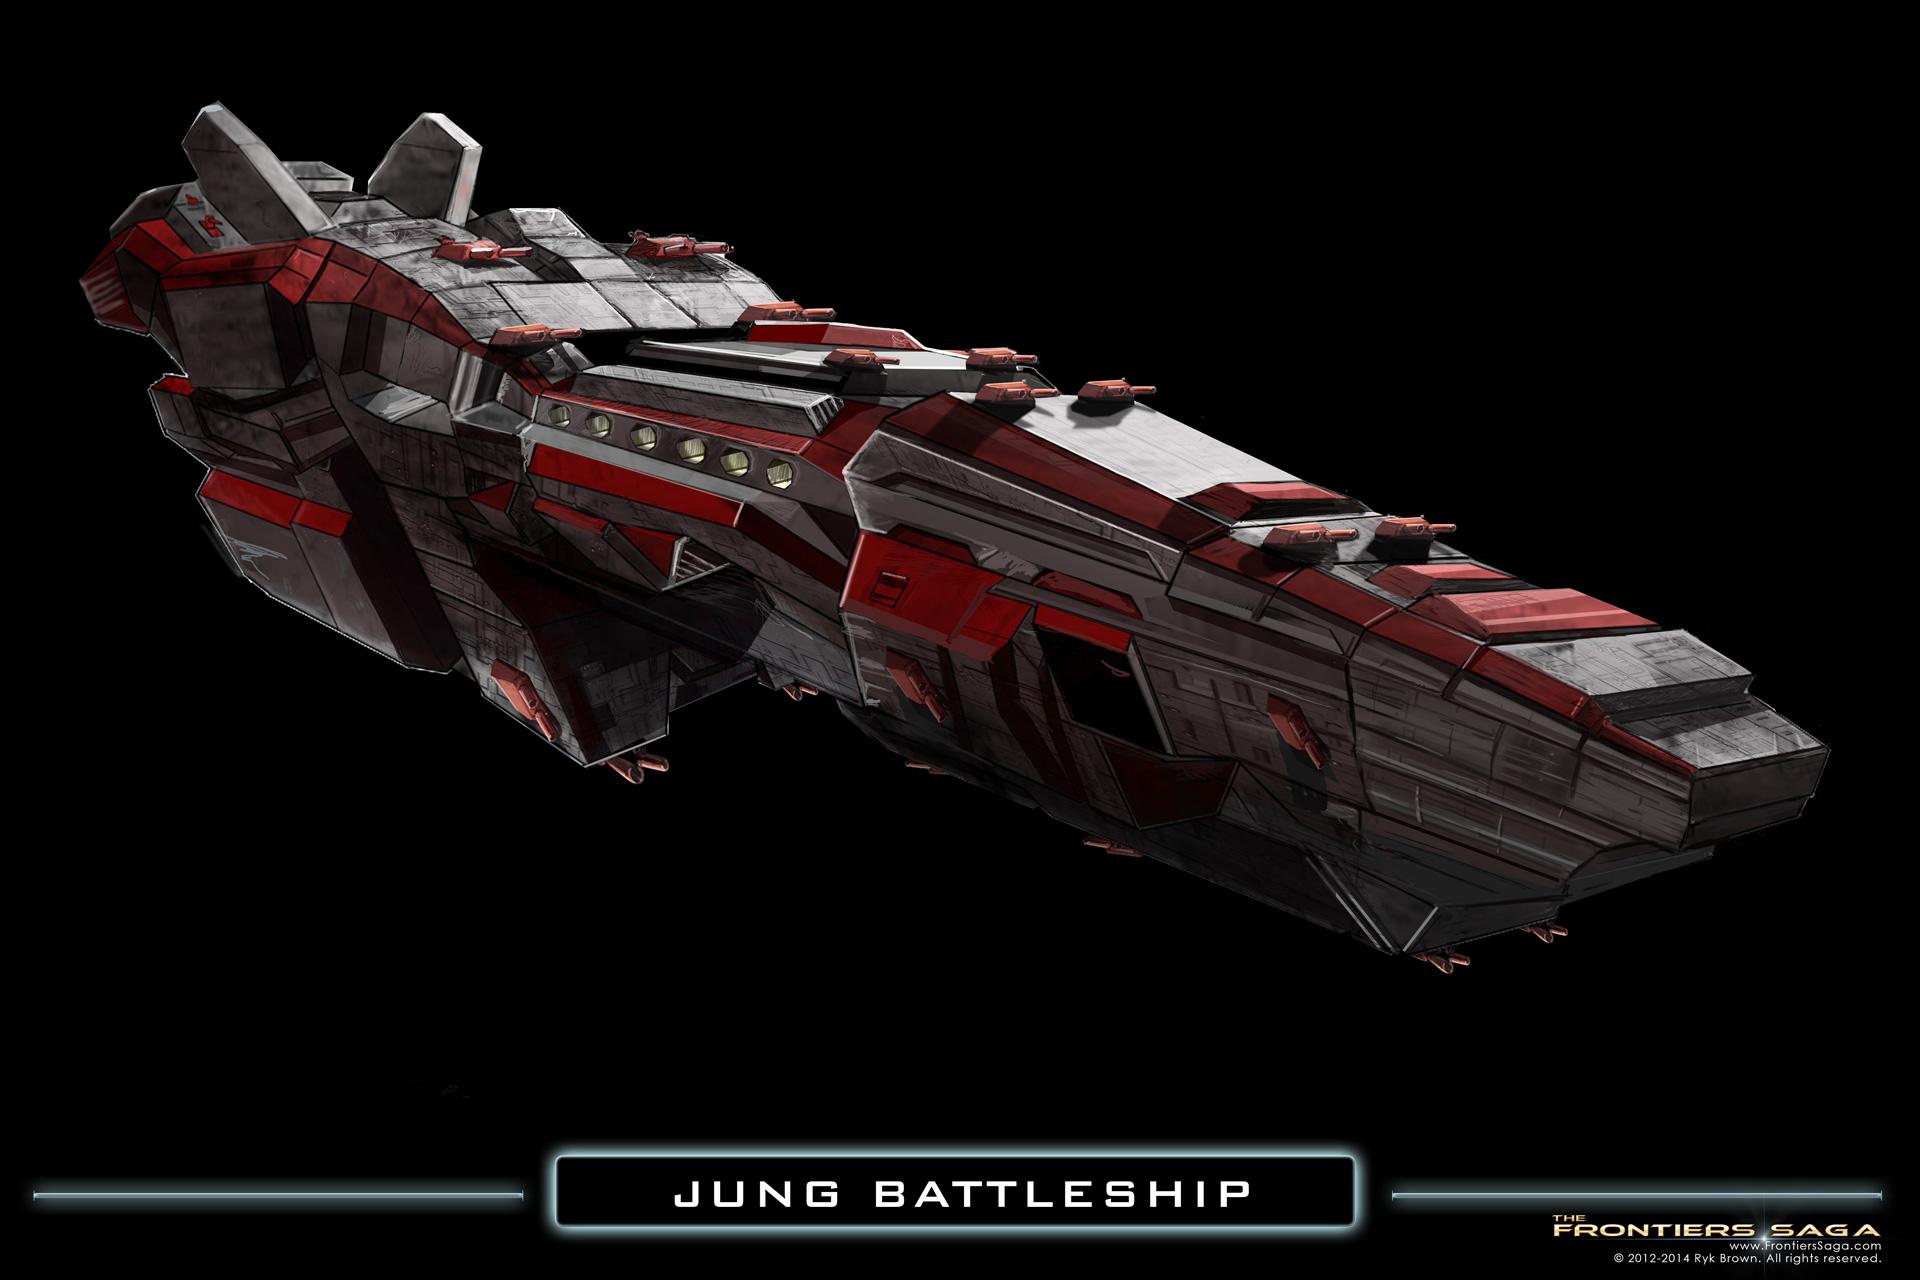 Battleship Concept Art